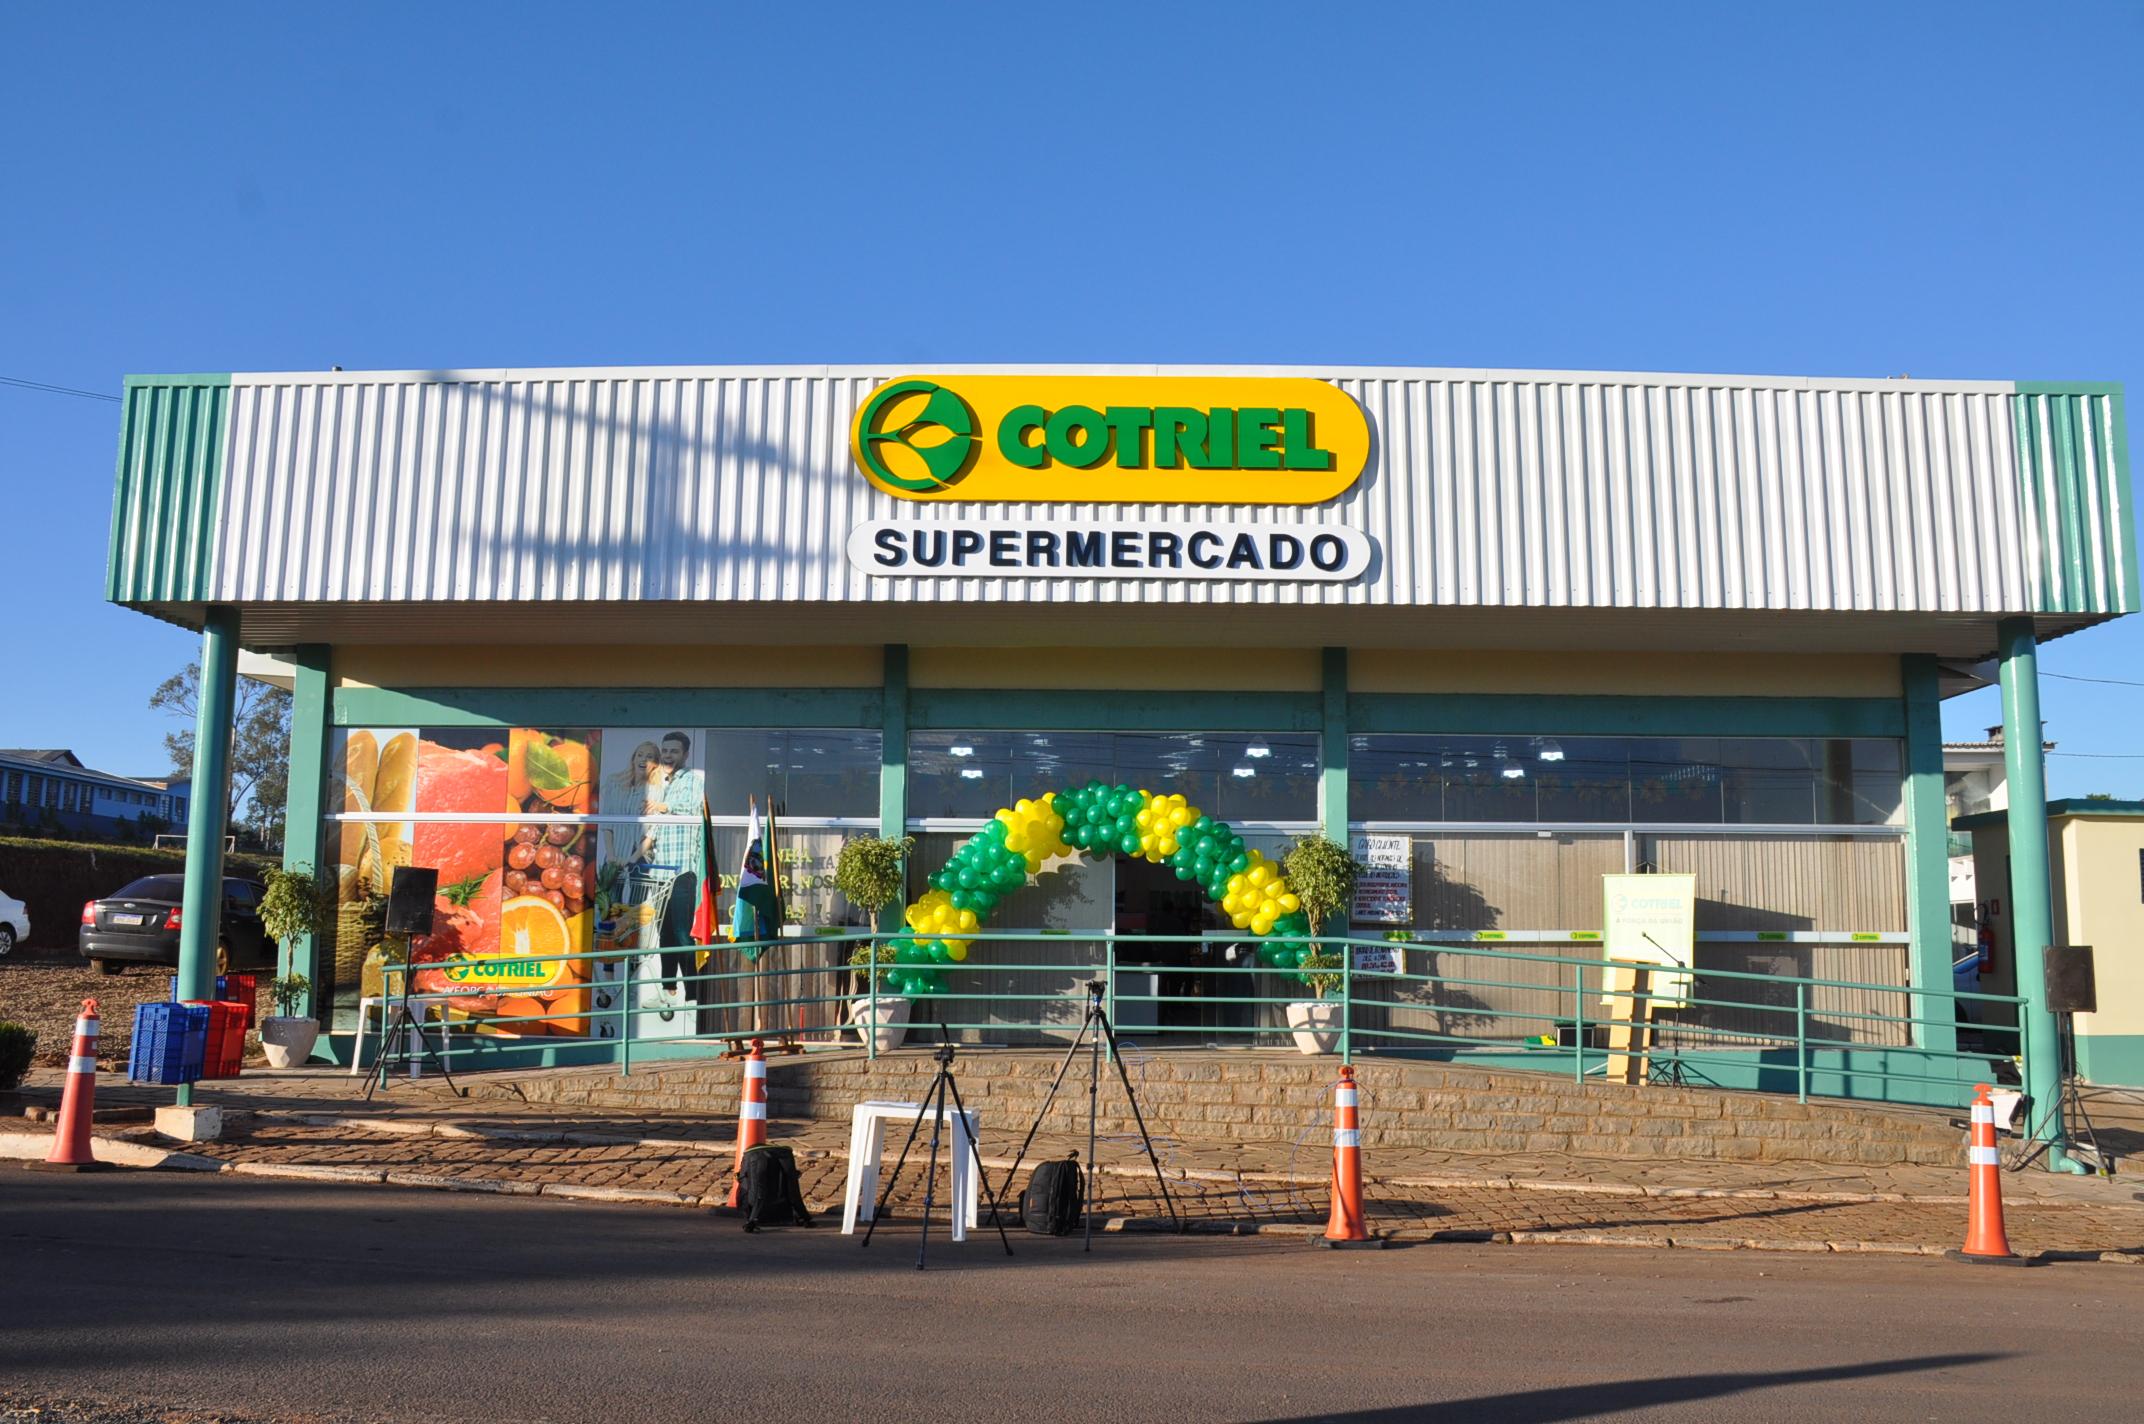 Inaugurado o Supermercado Cotriel de Jacuizinho